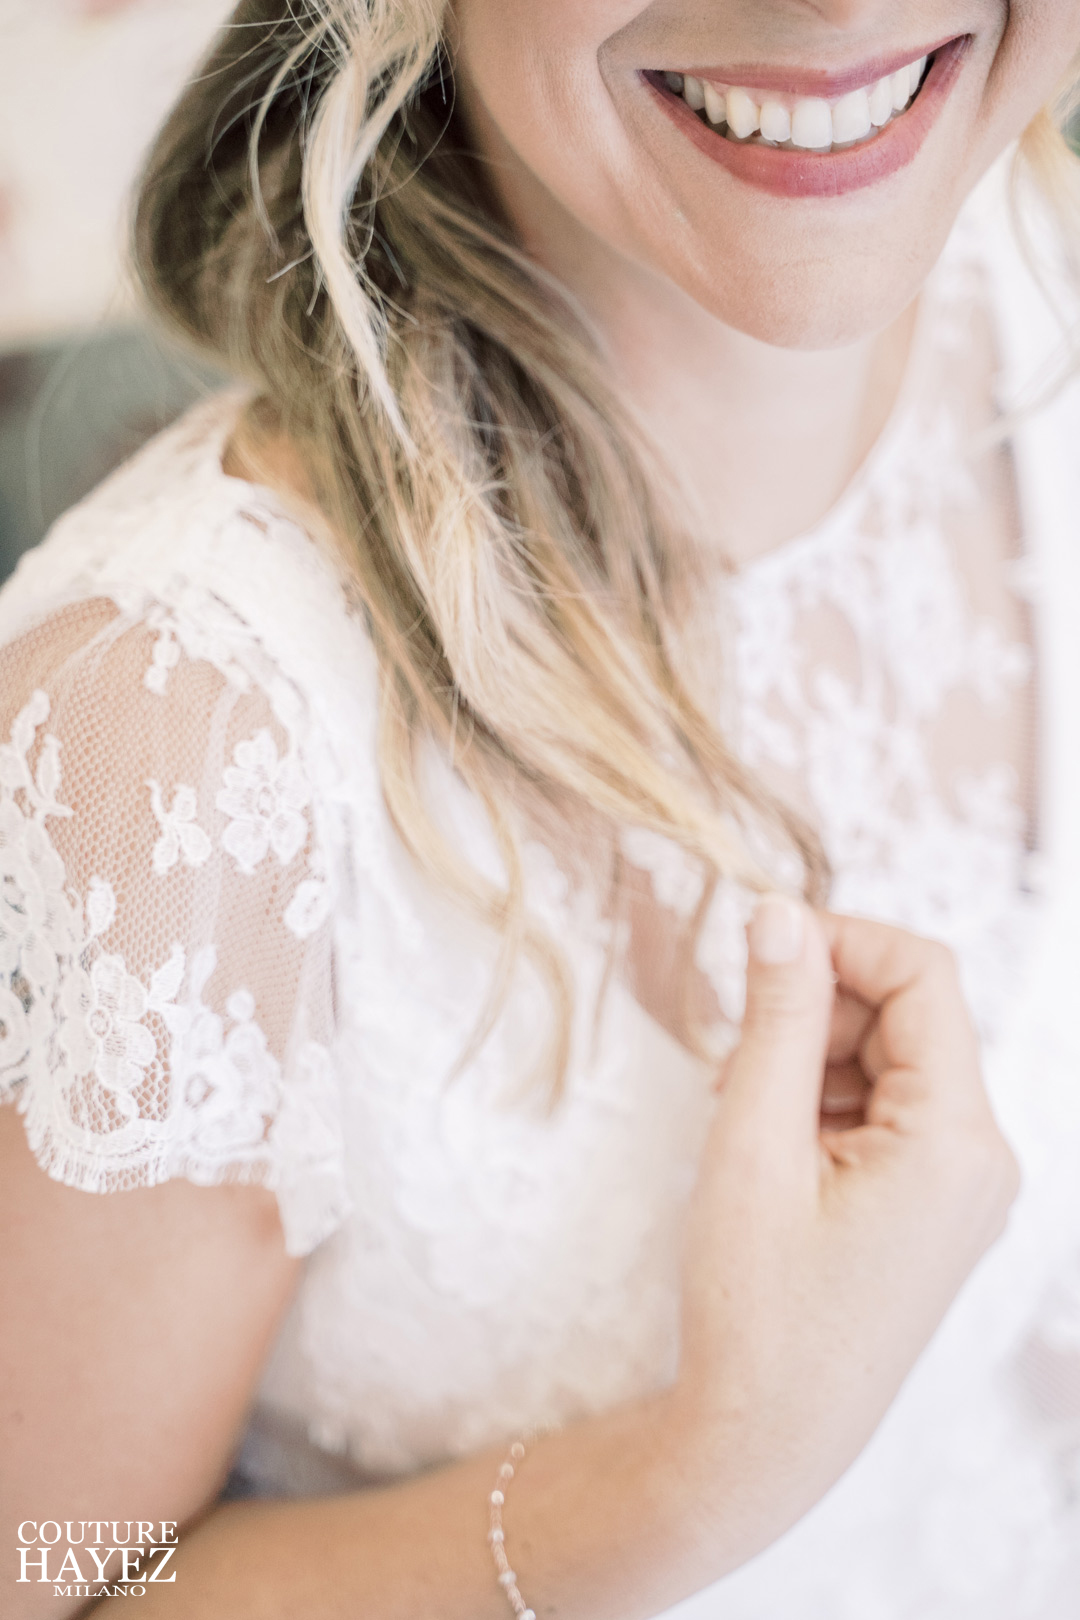 rossetto matt per sposa color mattone, foto ritratti per sposa